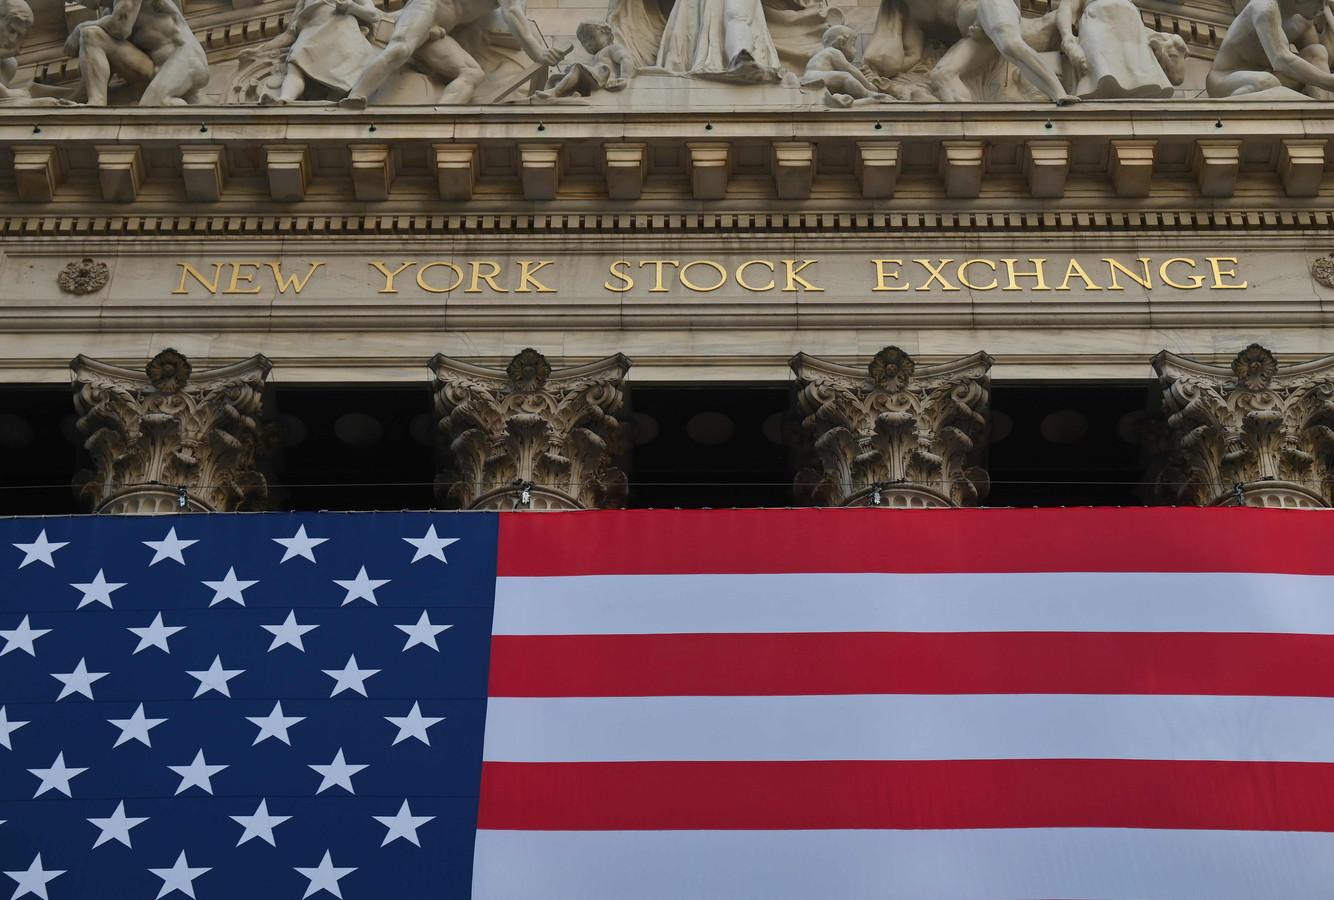 De New York Stock Exchange (NYSE)